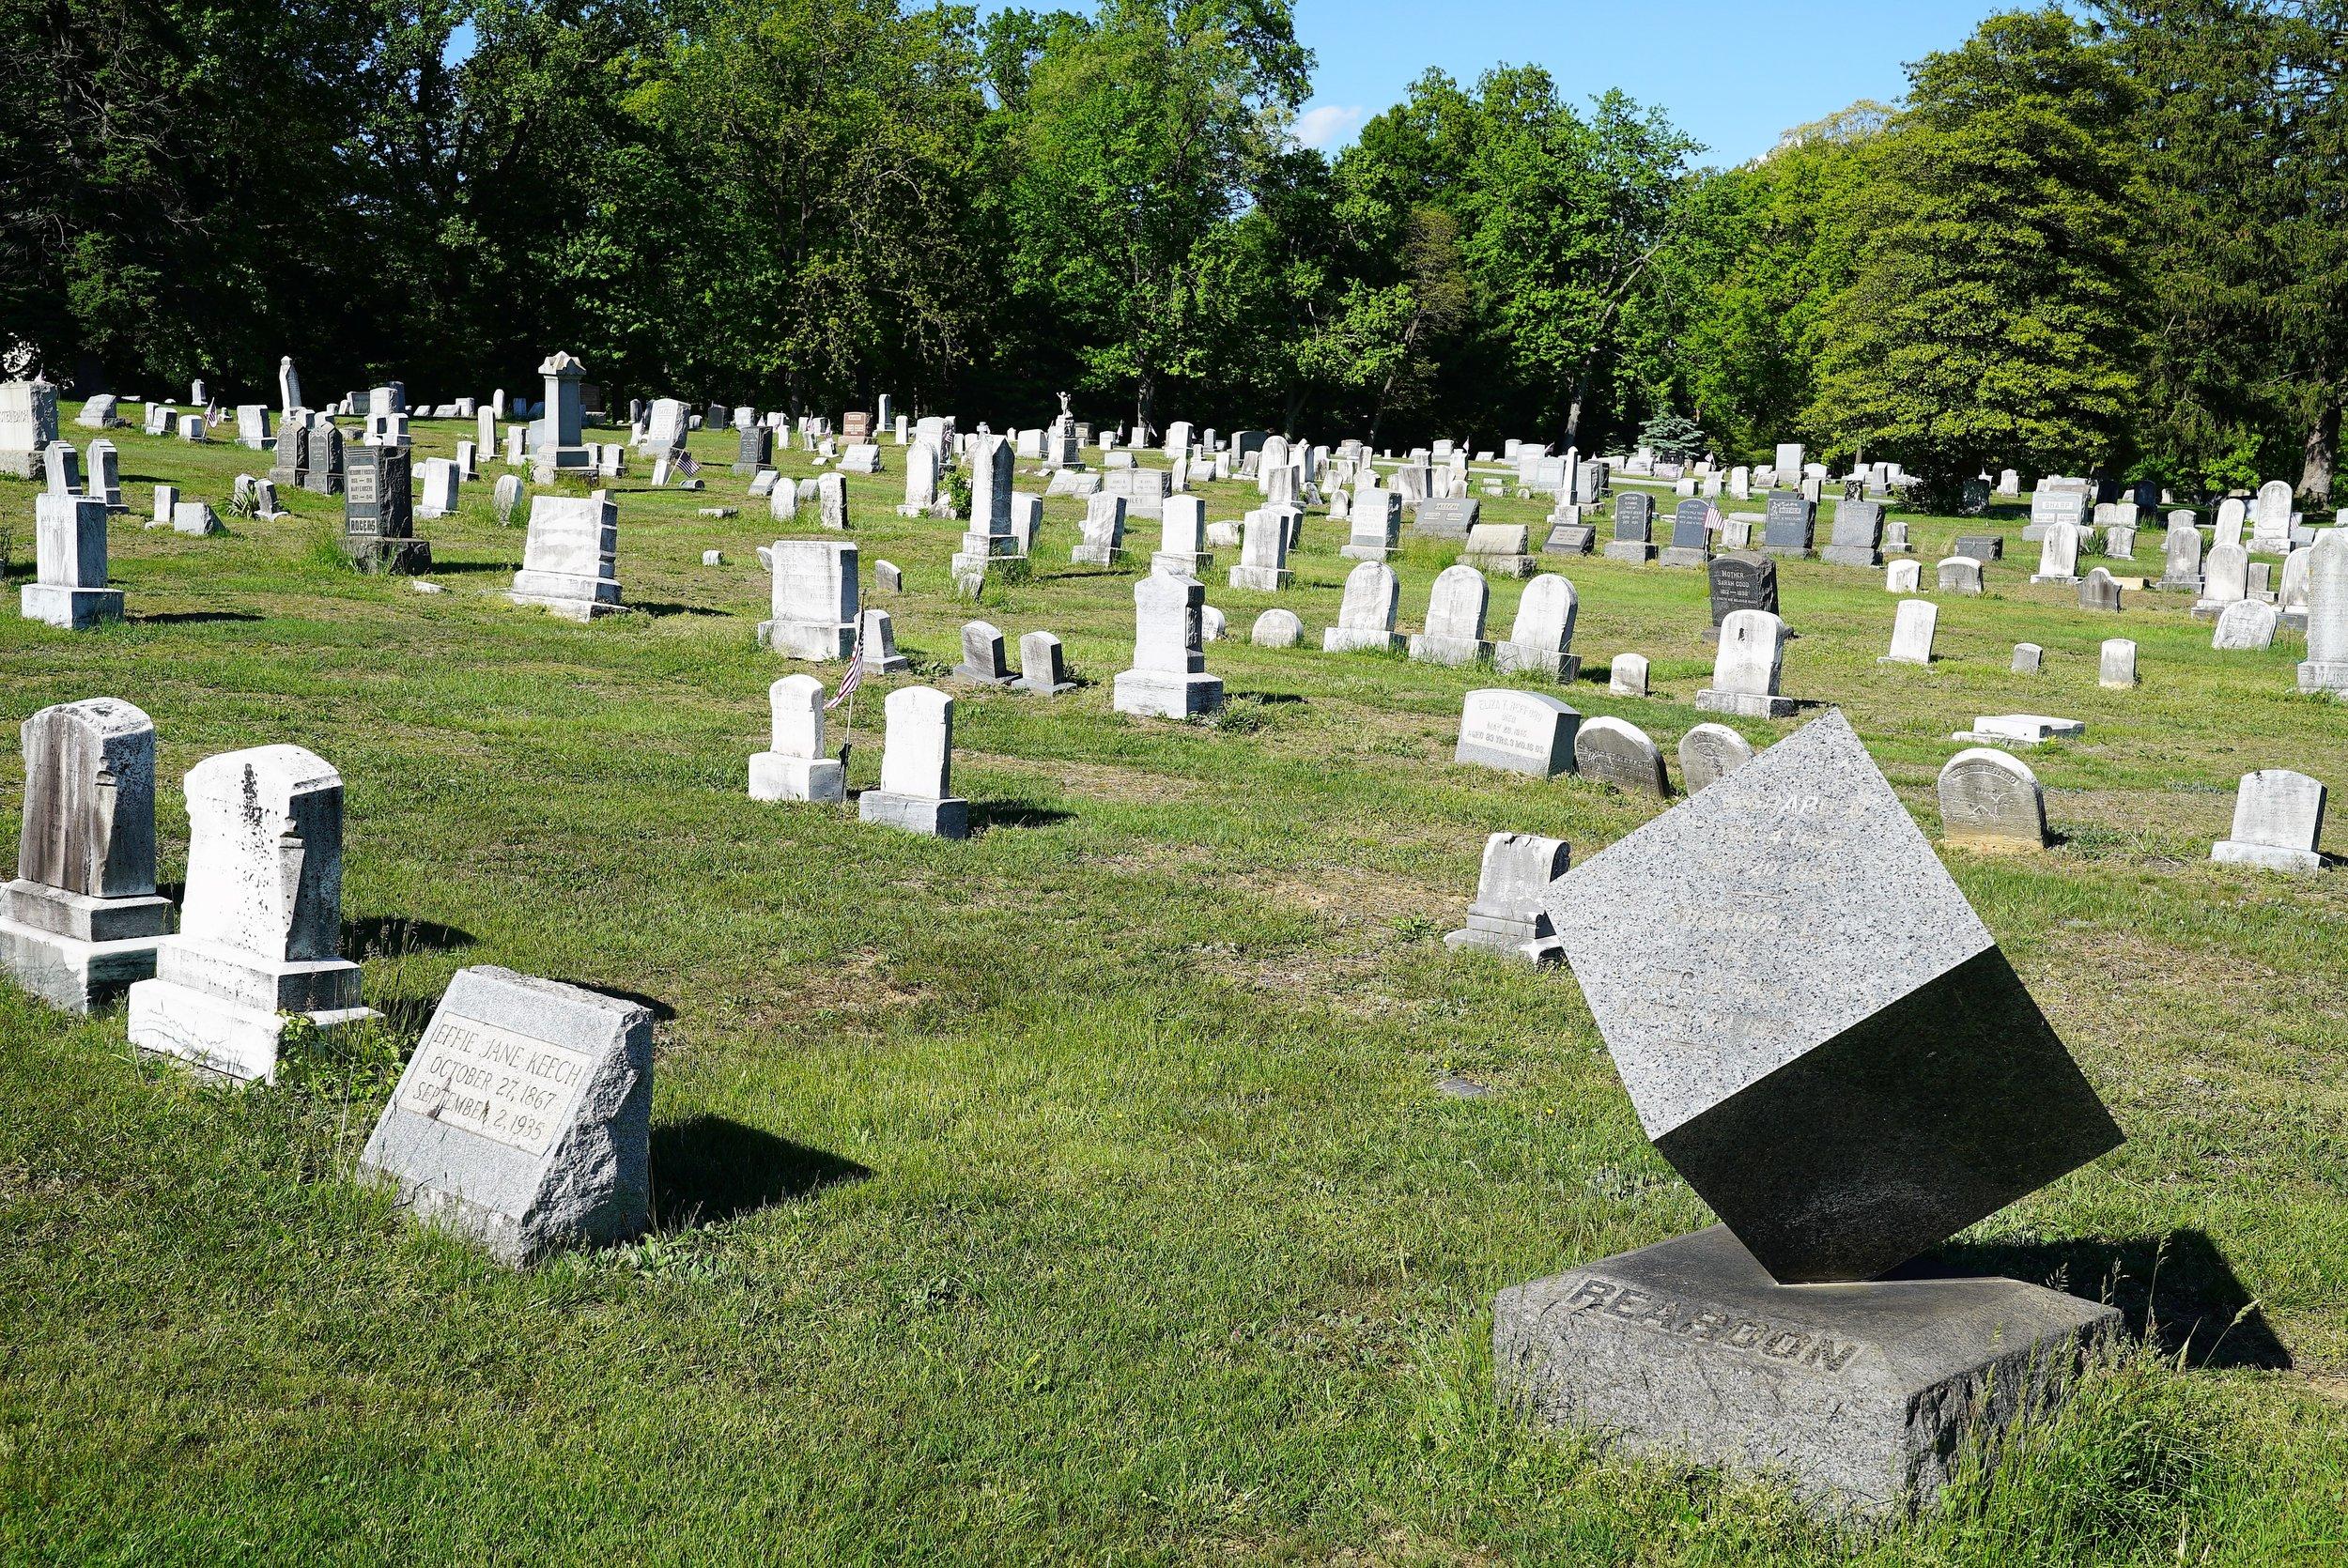 An unusual tombstone from the 1800's. Hephzibah Baptist Church Cemetery. East Fallowfield, Pennsylvania.